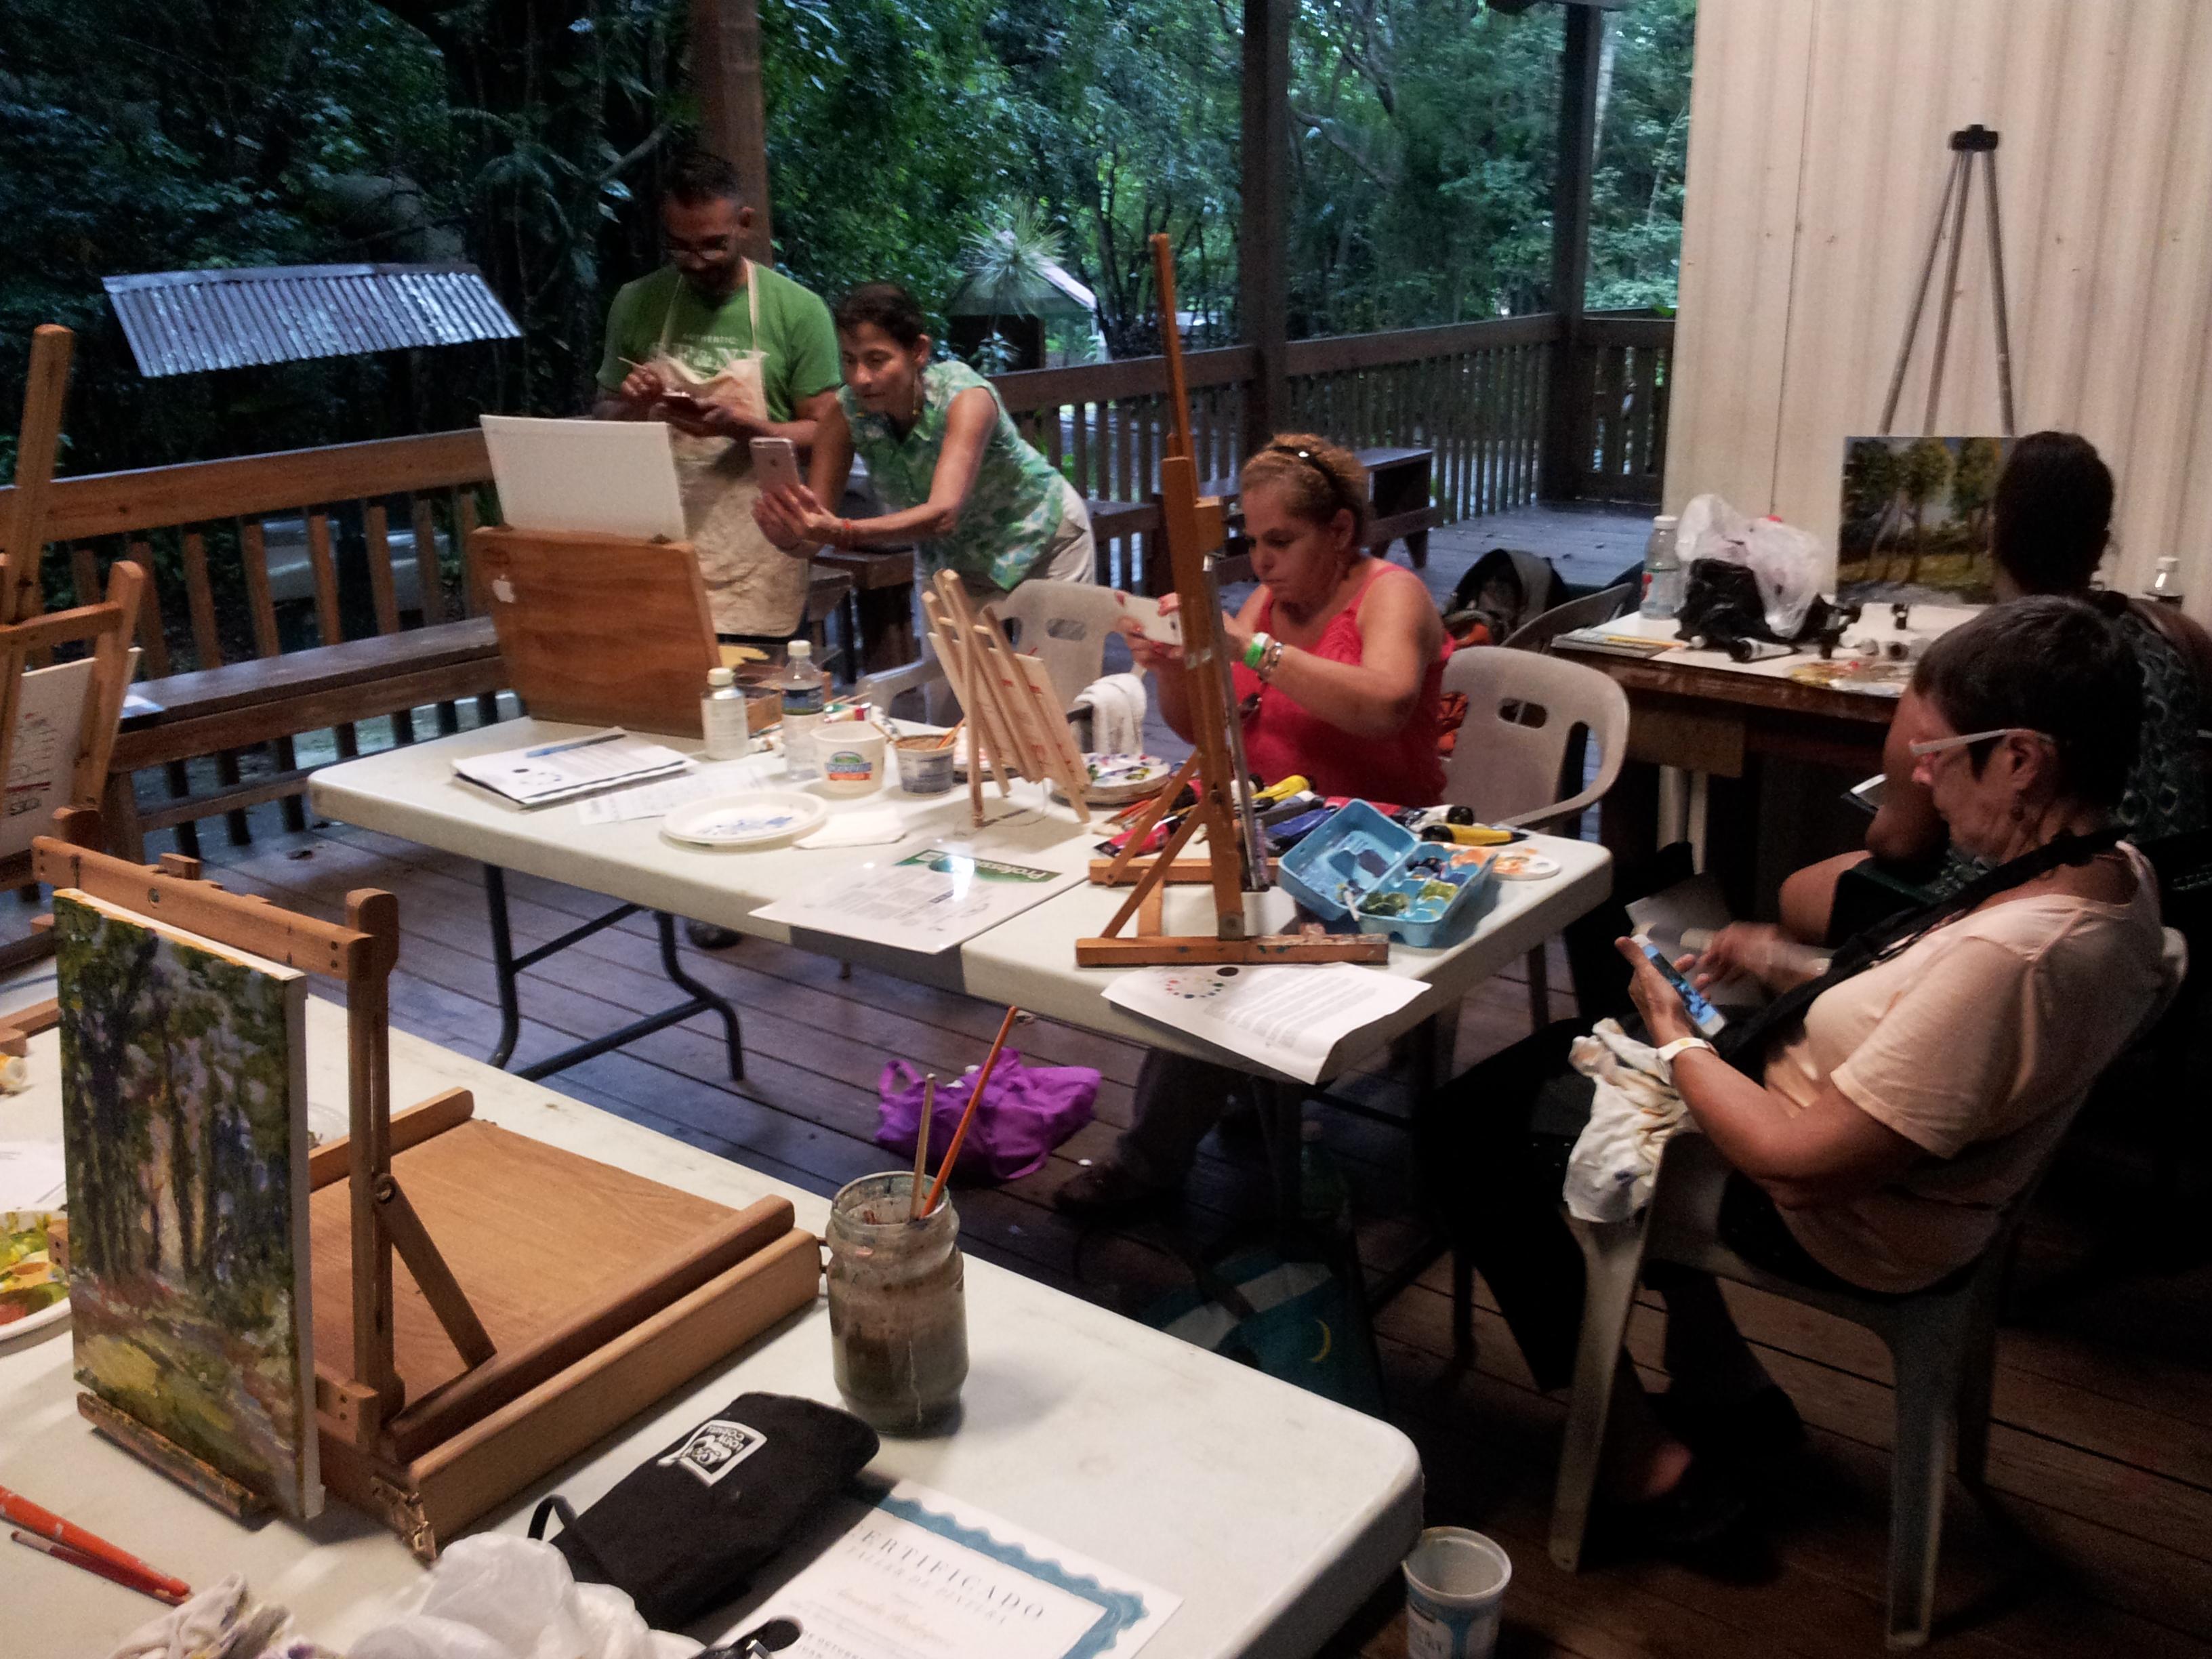 Finaliza Primer Taller de Pintura Impresionista en el Bosque San Patricio